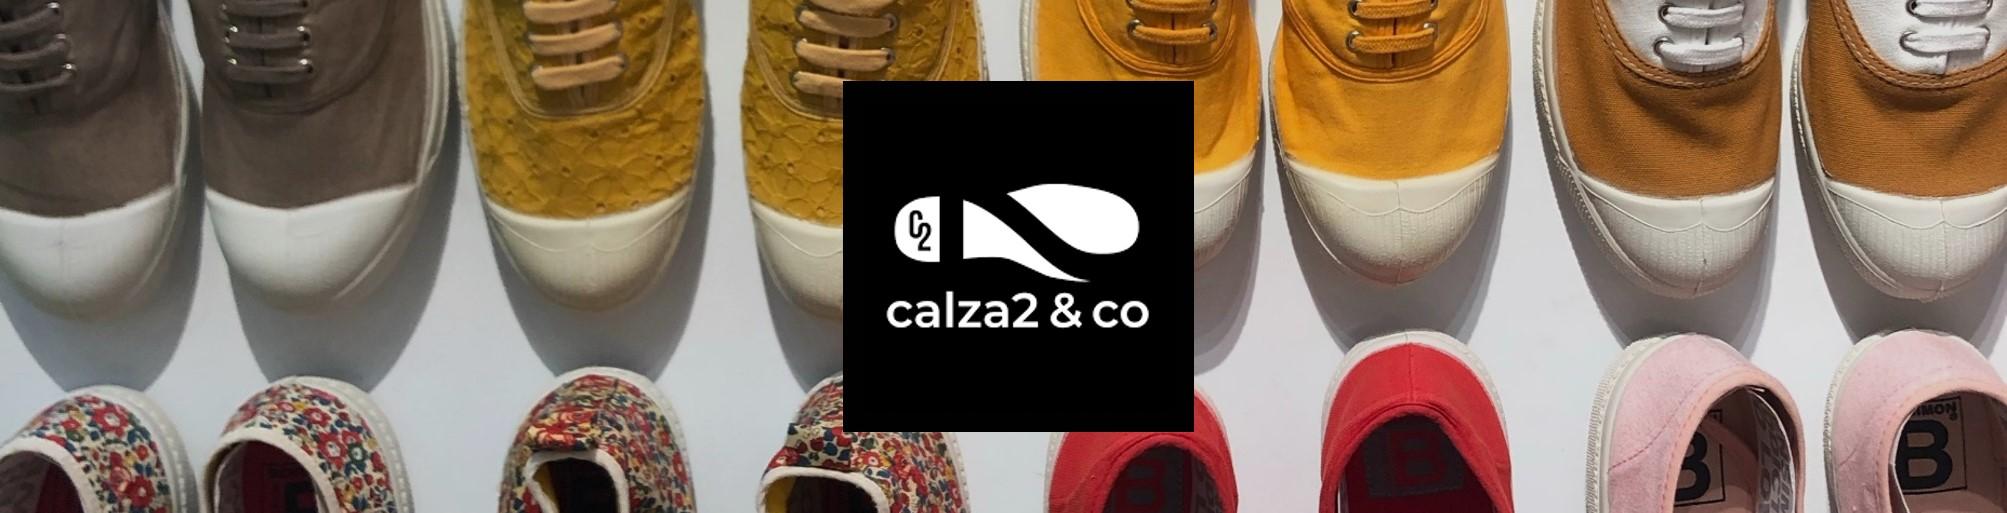 Calza2 & Co